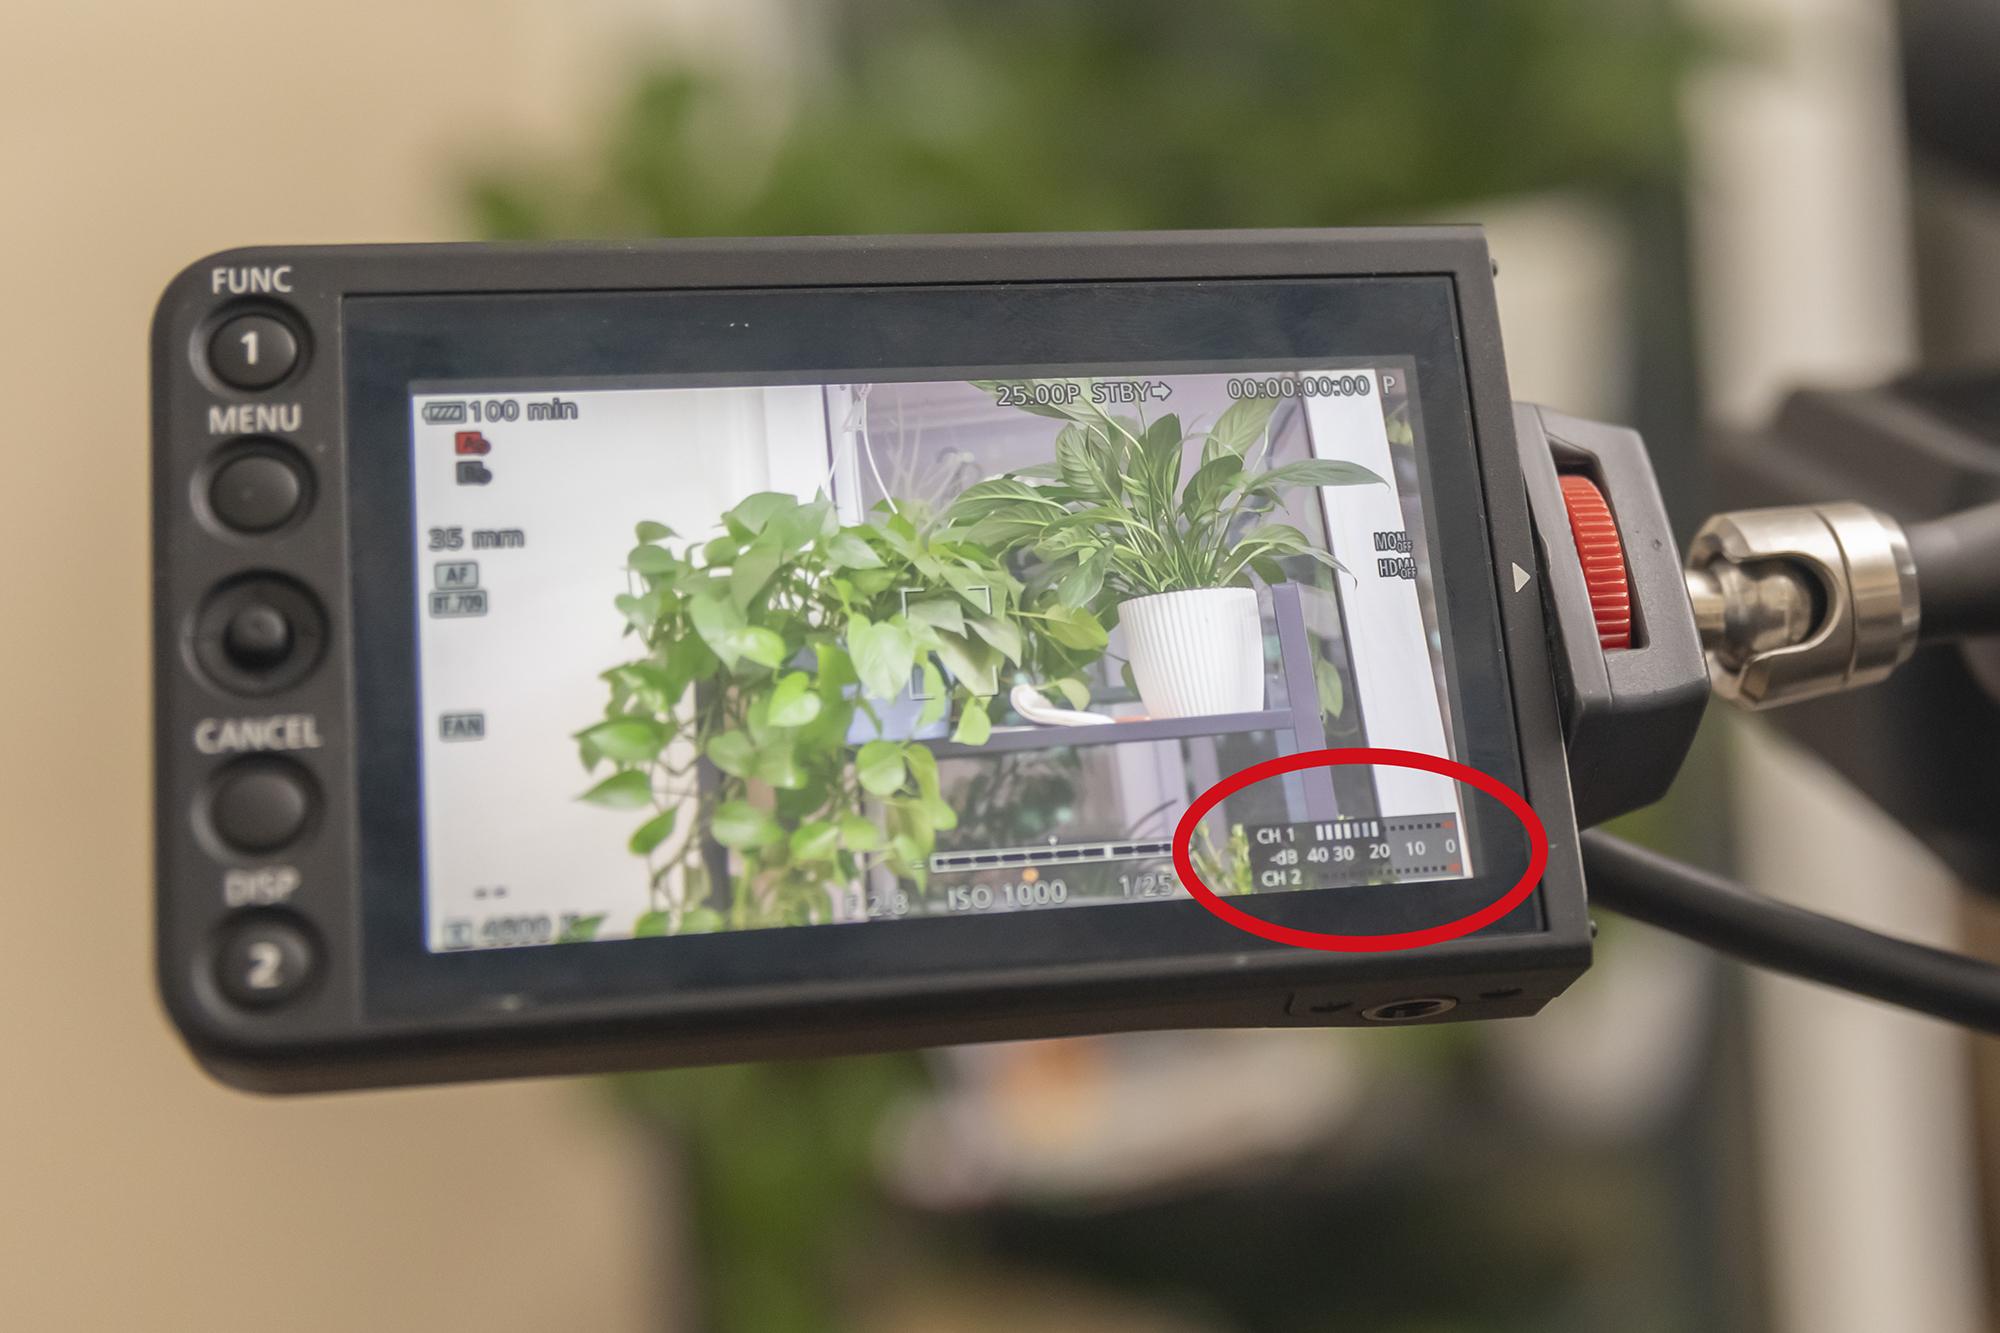 十分钟得到带触摸屏的佳能新款C300 Mark II